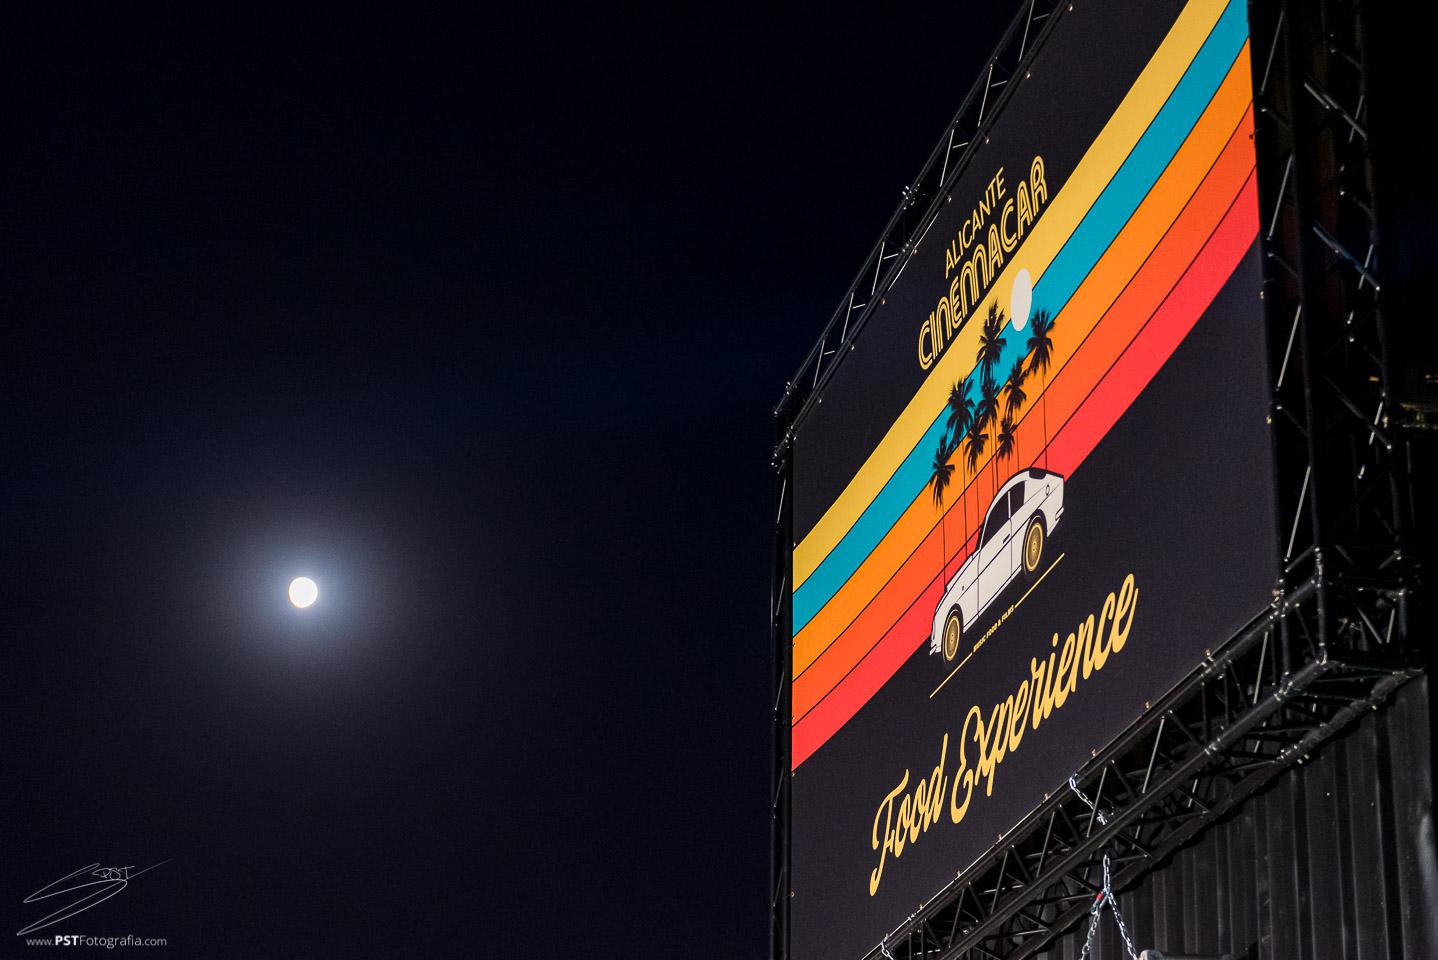 La luna casi llena en Cinemacar Alicante